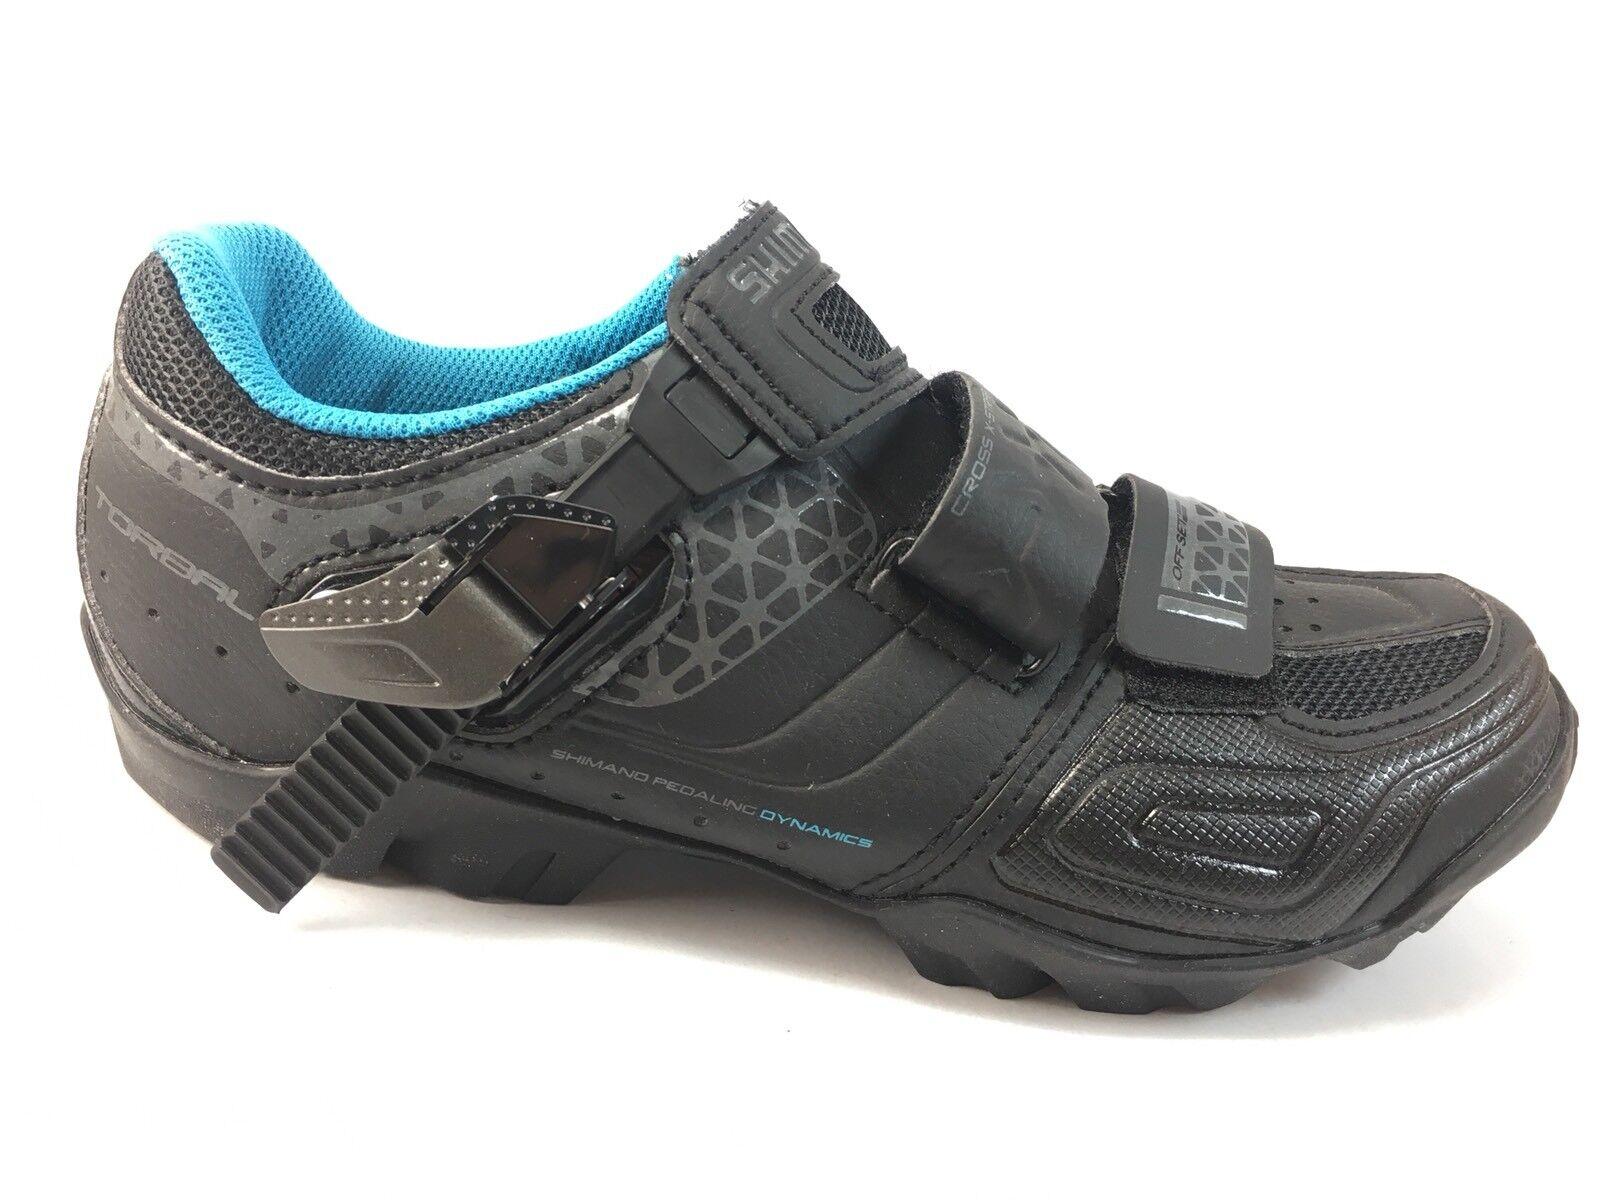 Shimano Women's SH-WM64L Mountain Bike Touring shoes Size 5.5 B